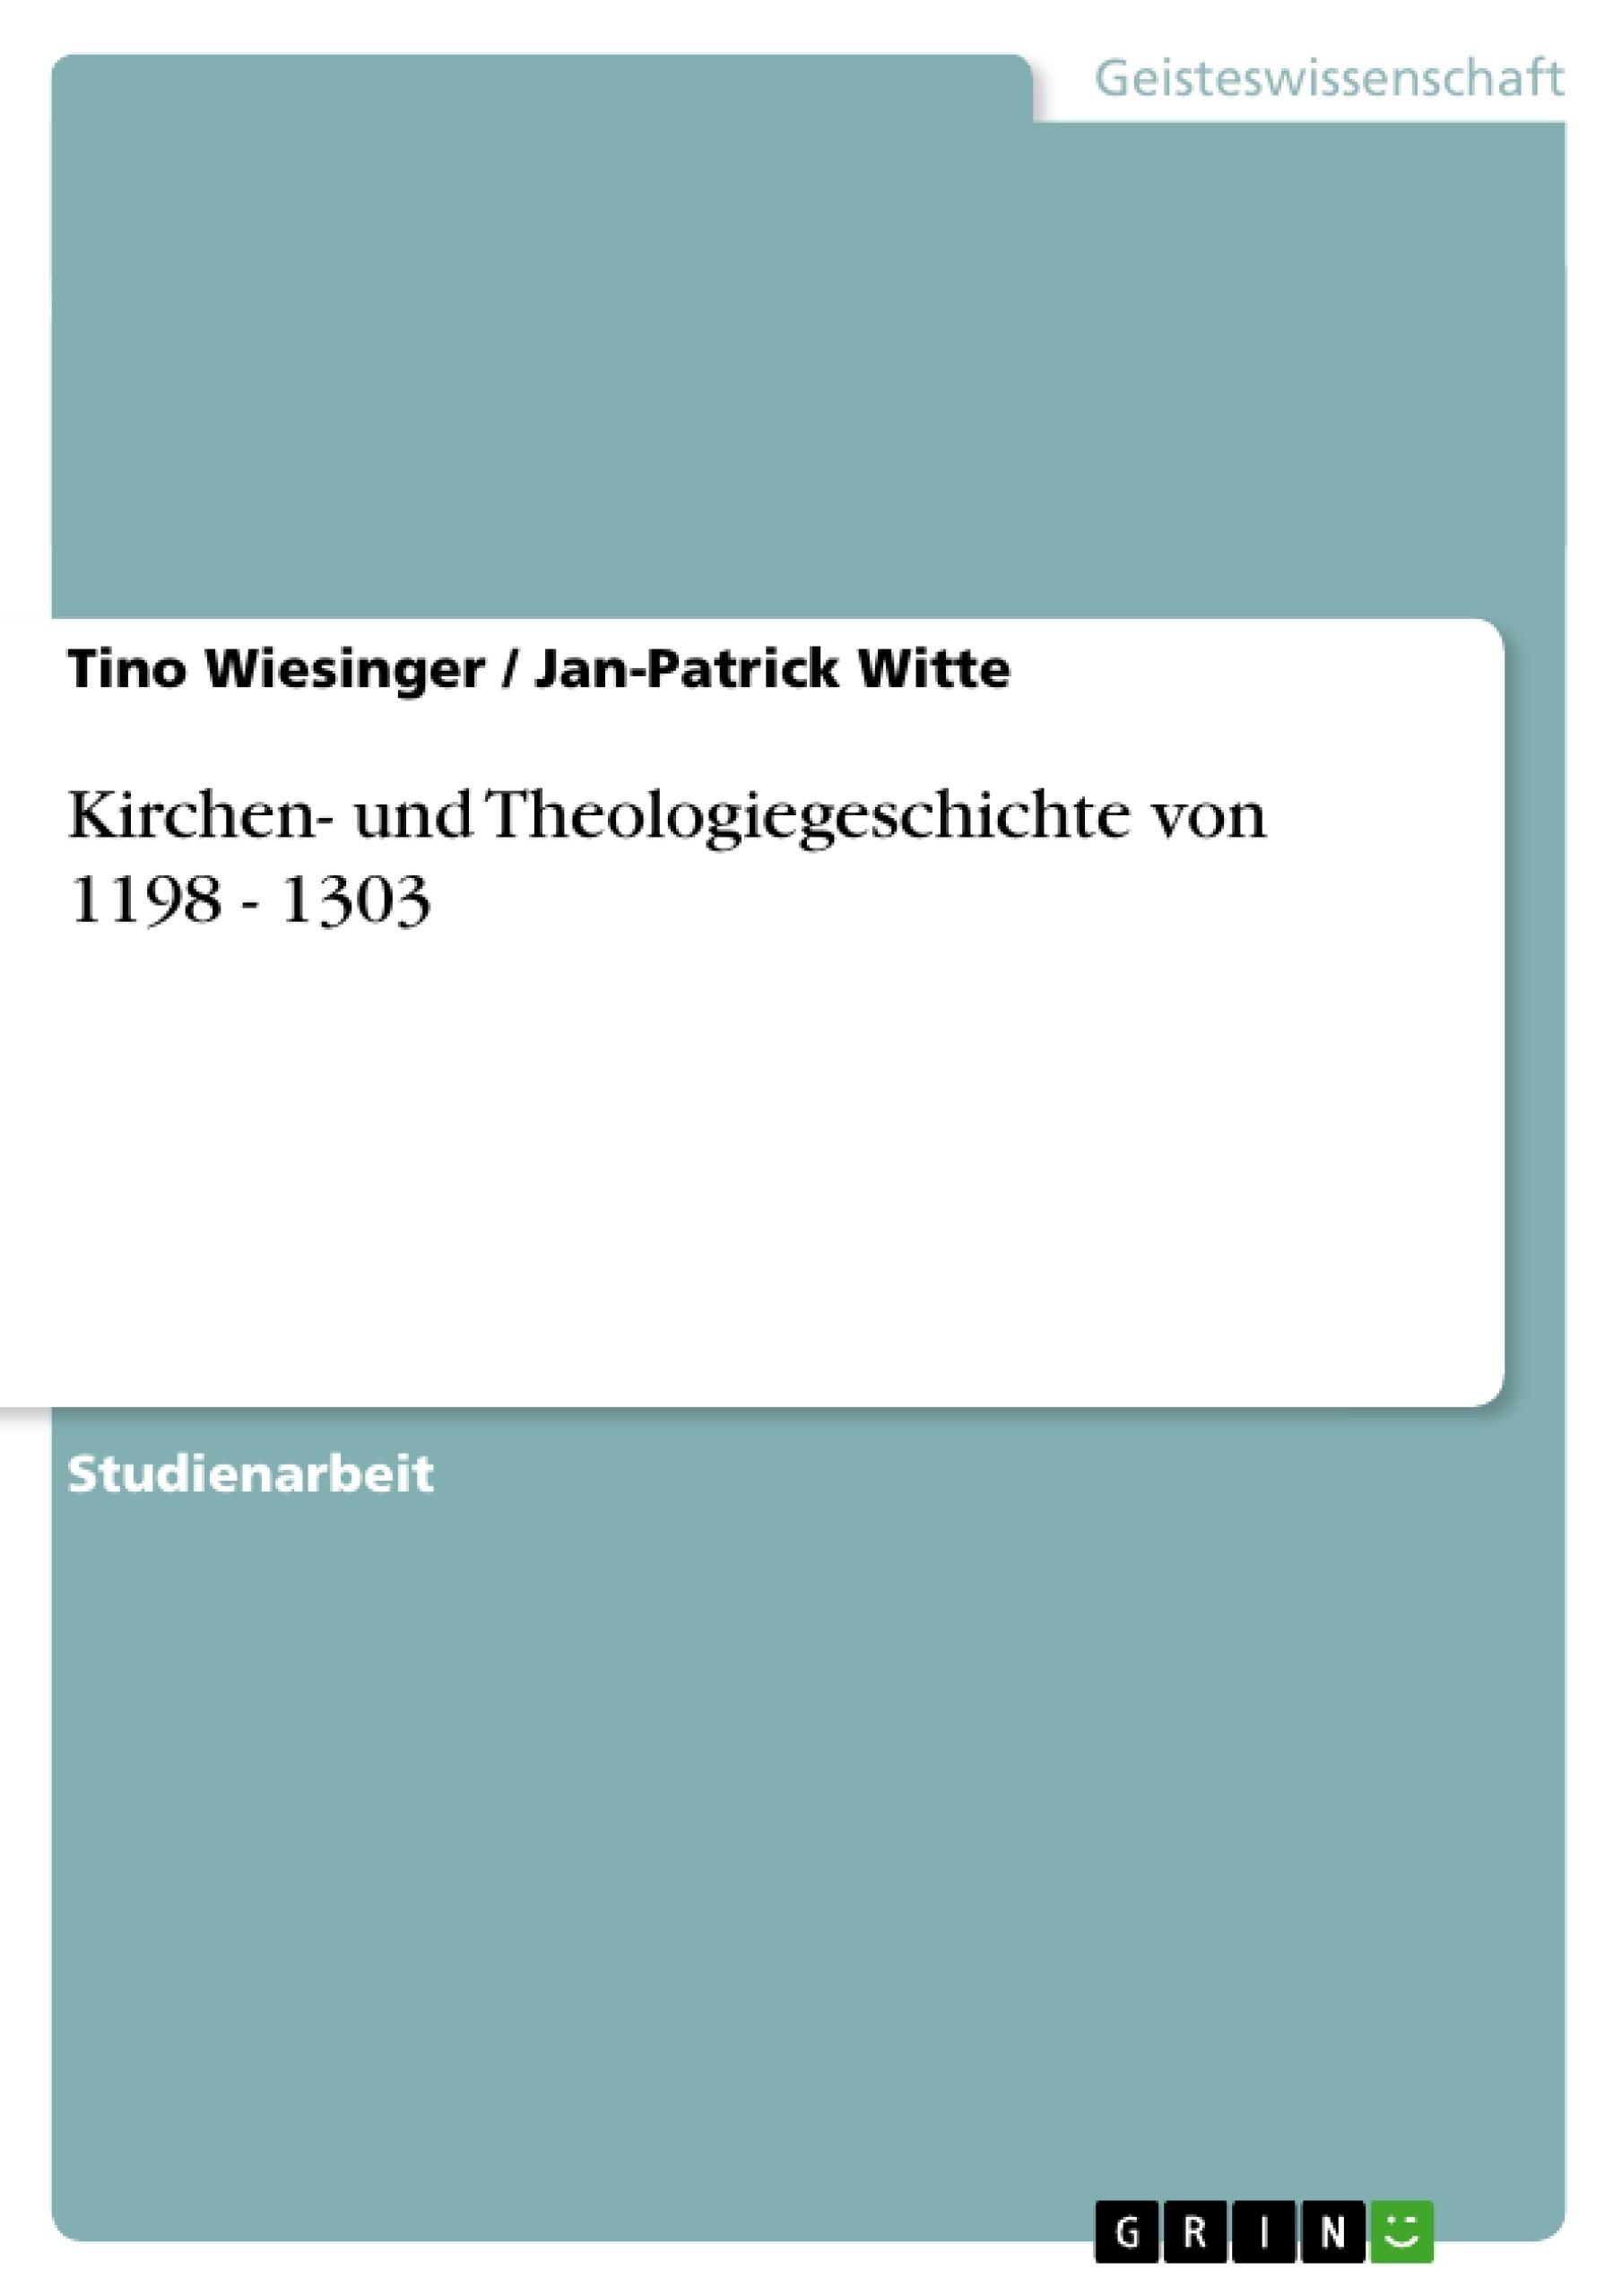 Titel: Kirchen- und Theologiegeschichte von 1198 - 1303